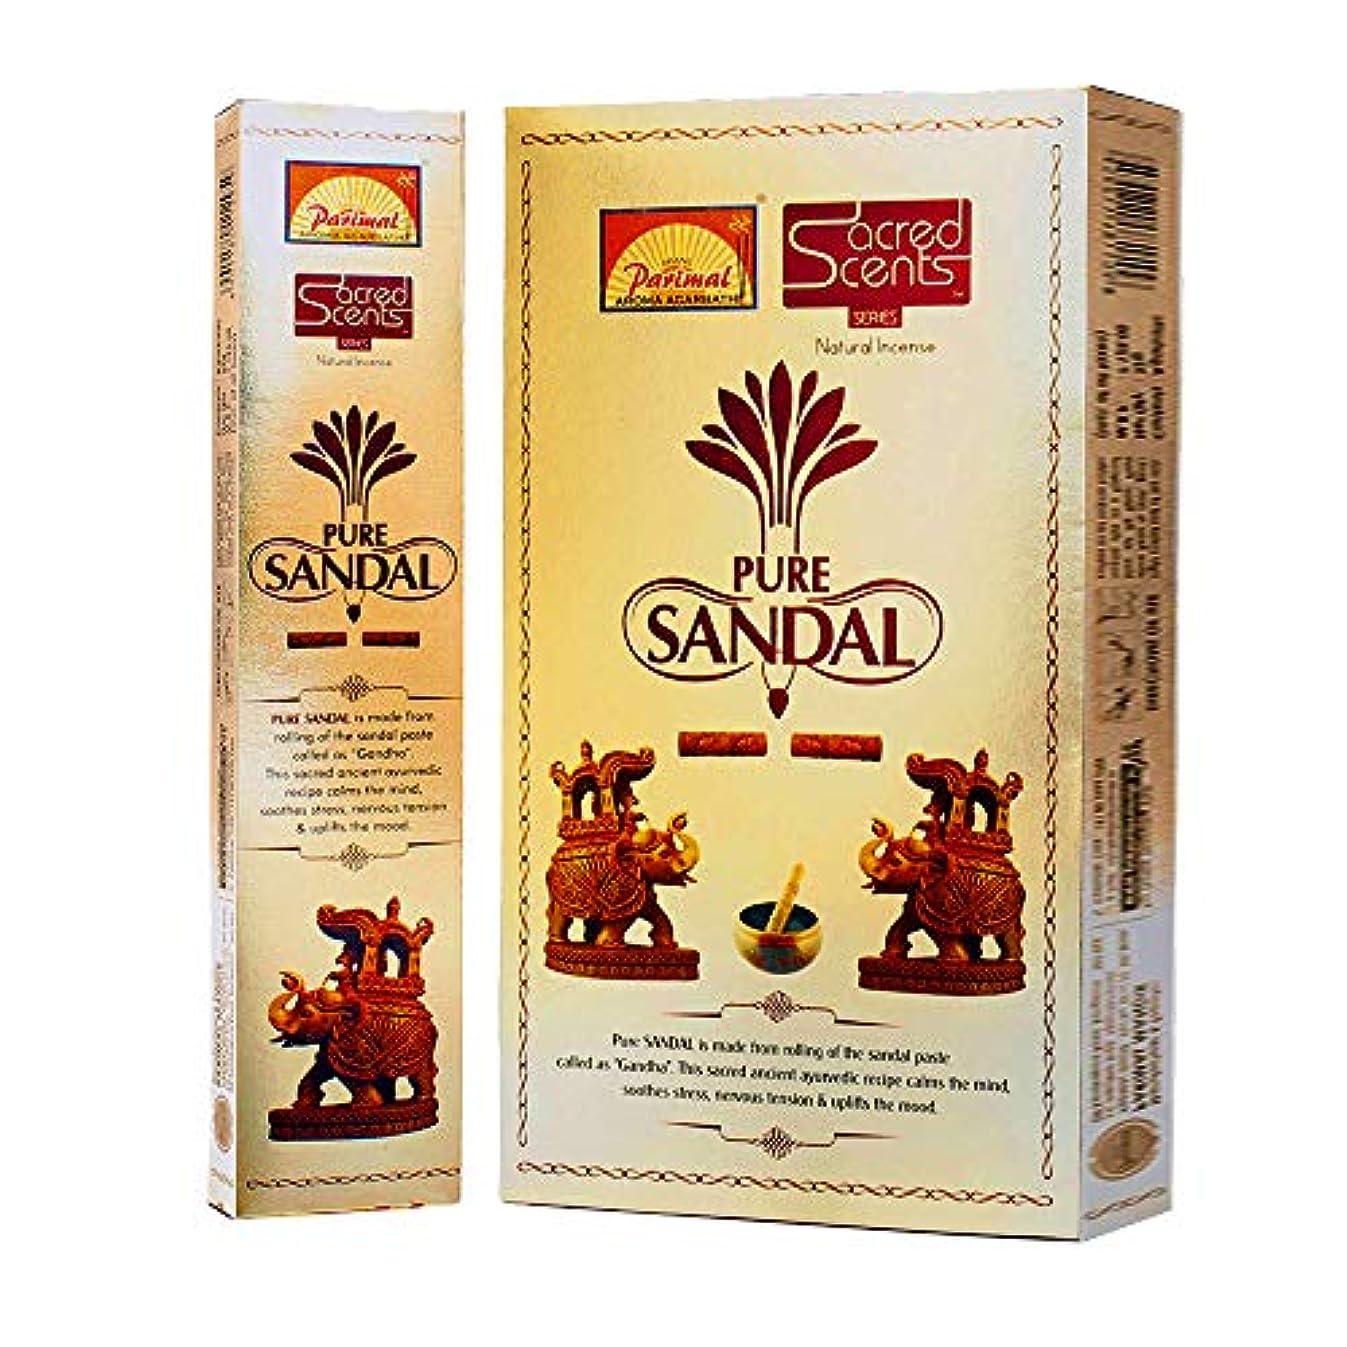 世界的にファンそれに応じてParimal Sacred Scents PureサンダルIncense Sticks 30グラムパック、6カウントin aボックス